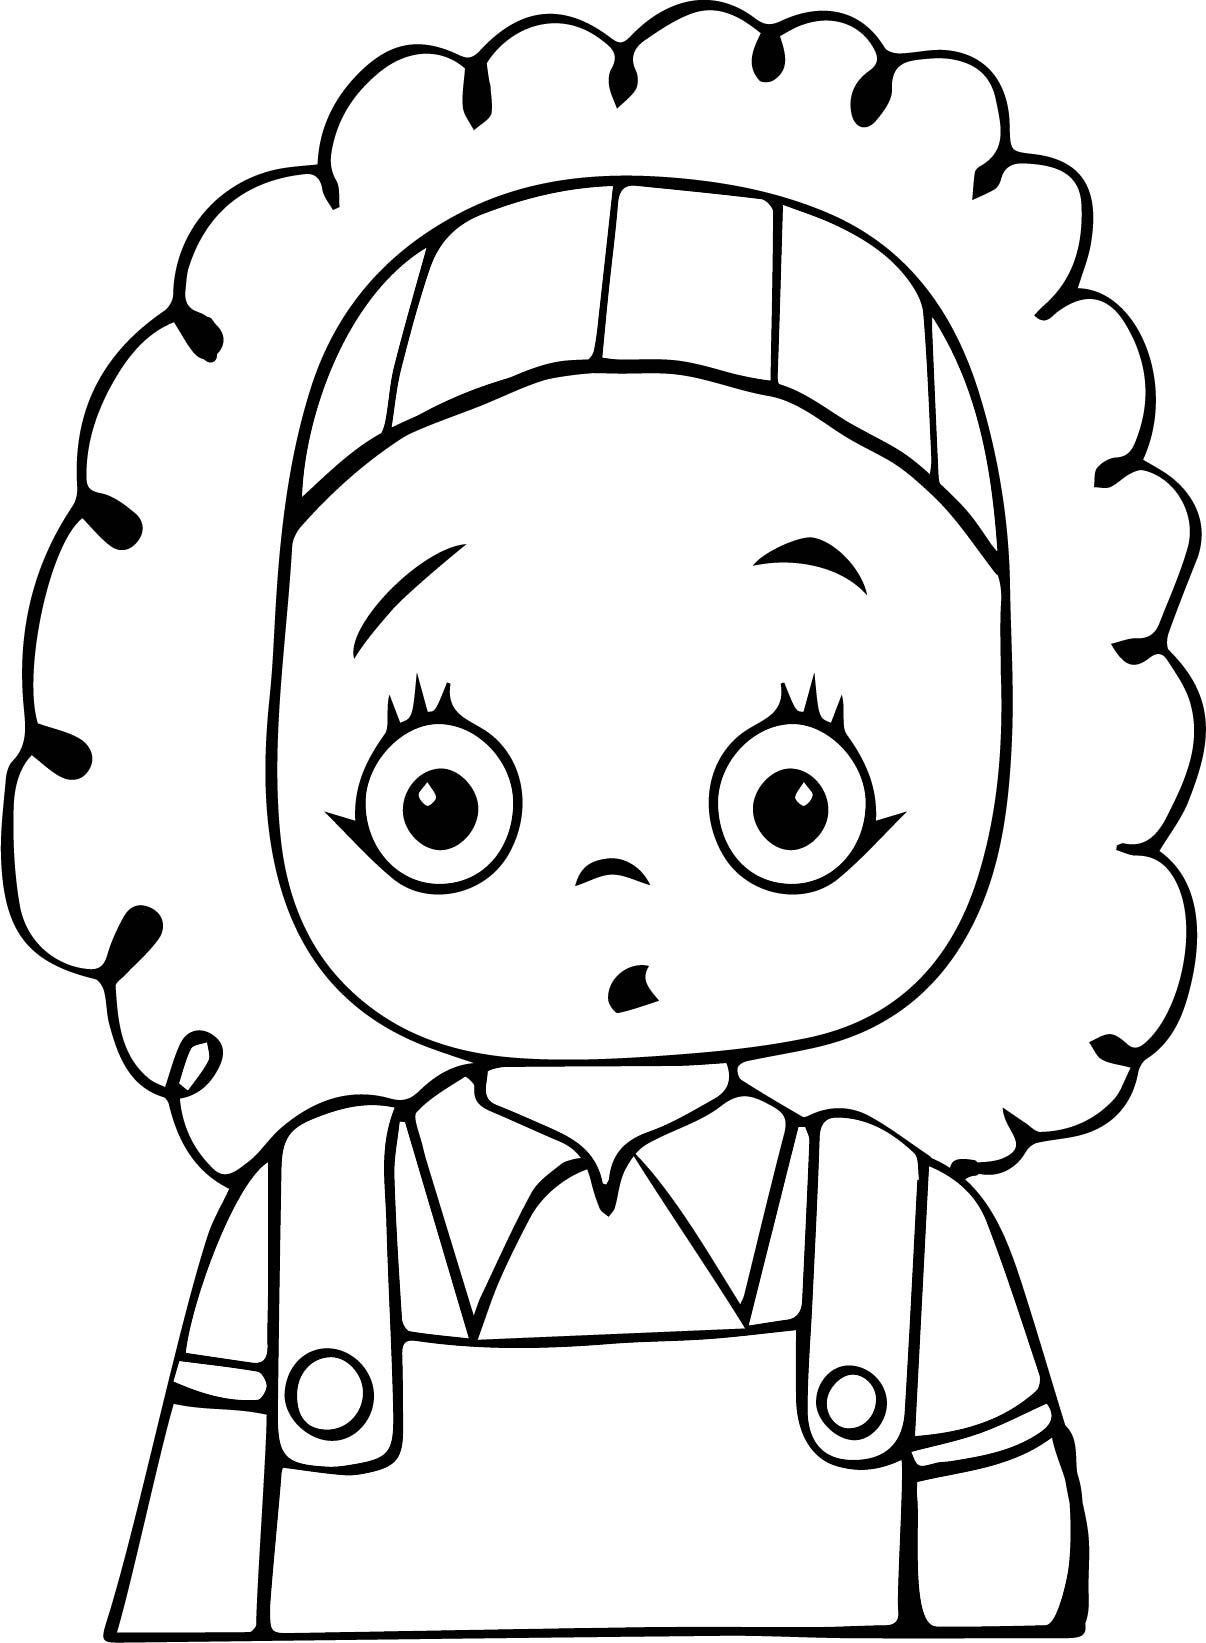 Saskin Kiz Cocuk Boyama Sayfasi Pinlerim Kids Scrapbook Hello